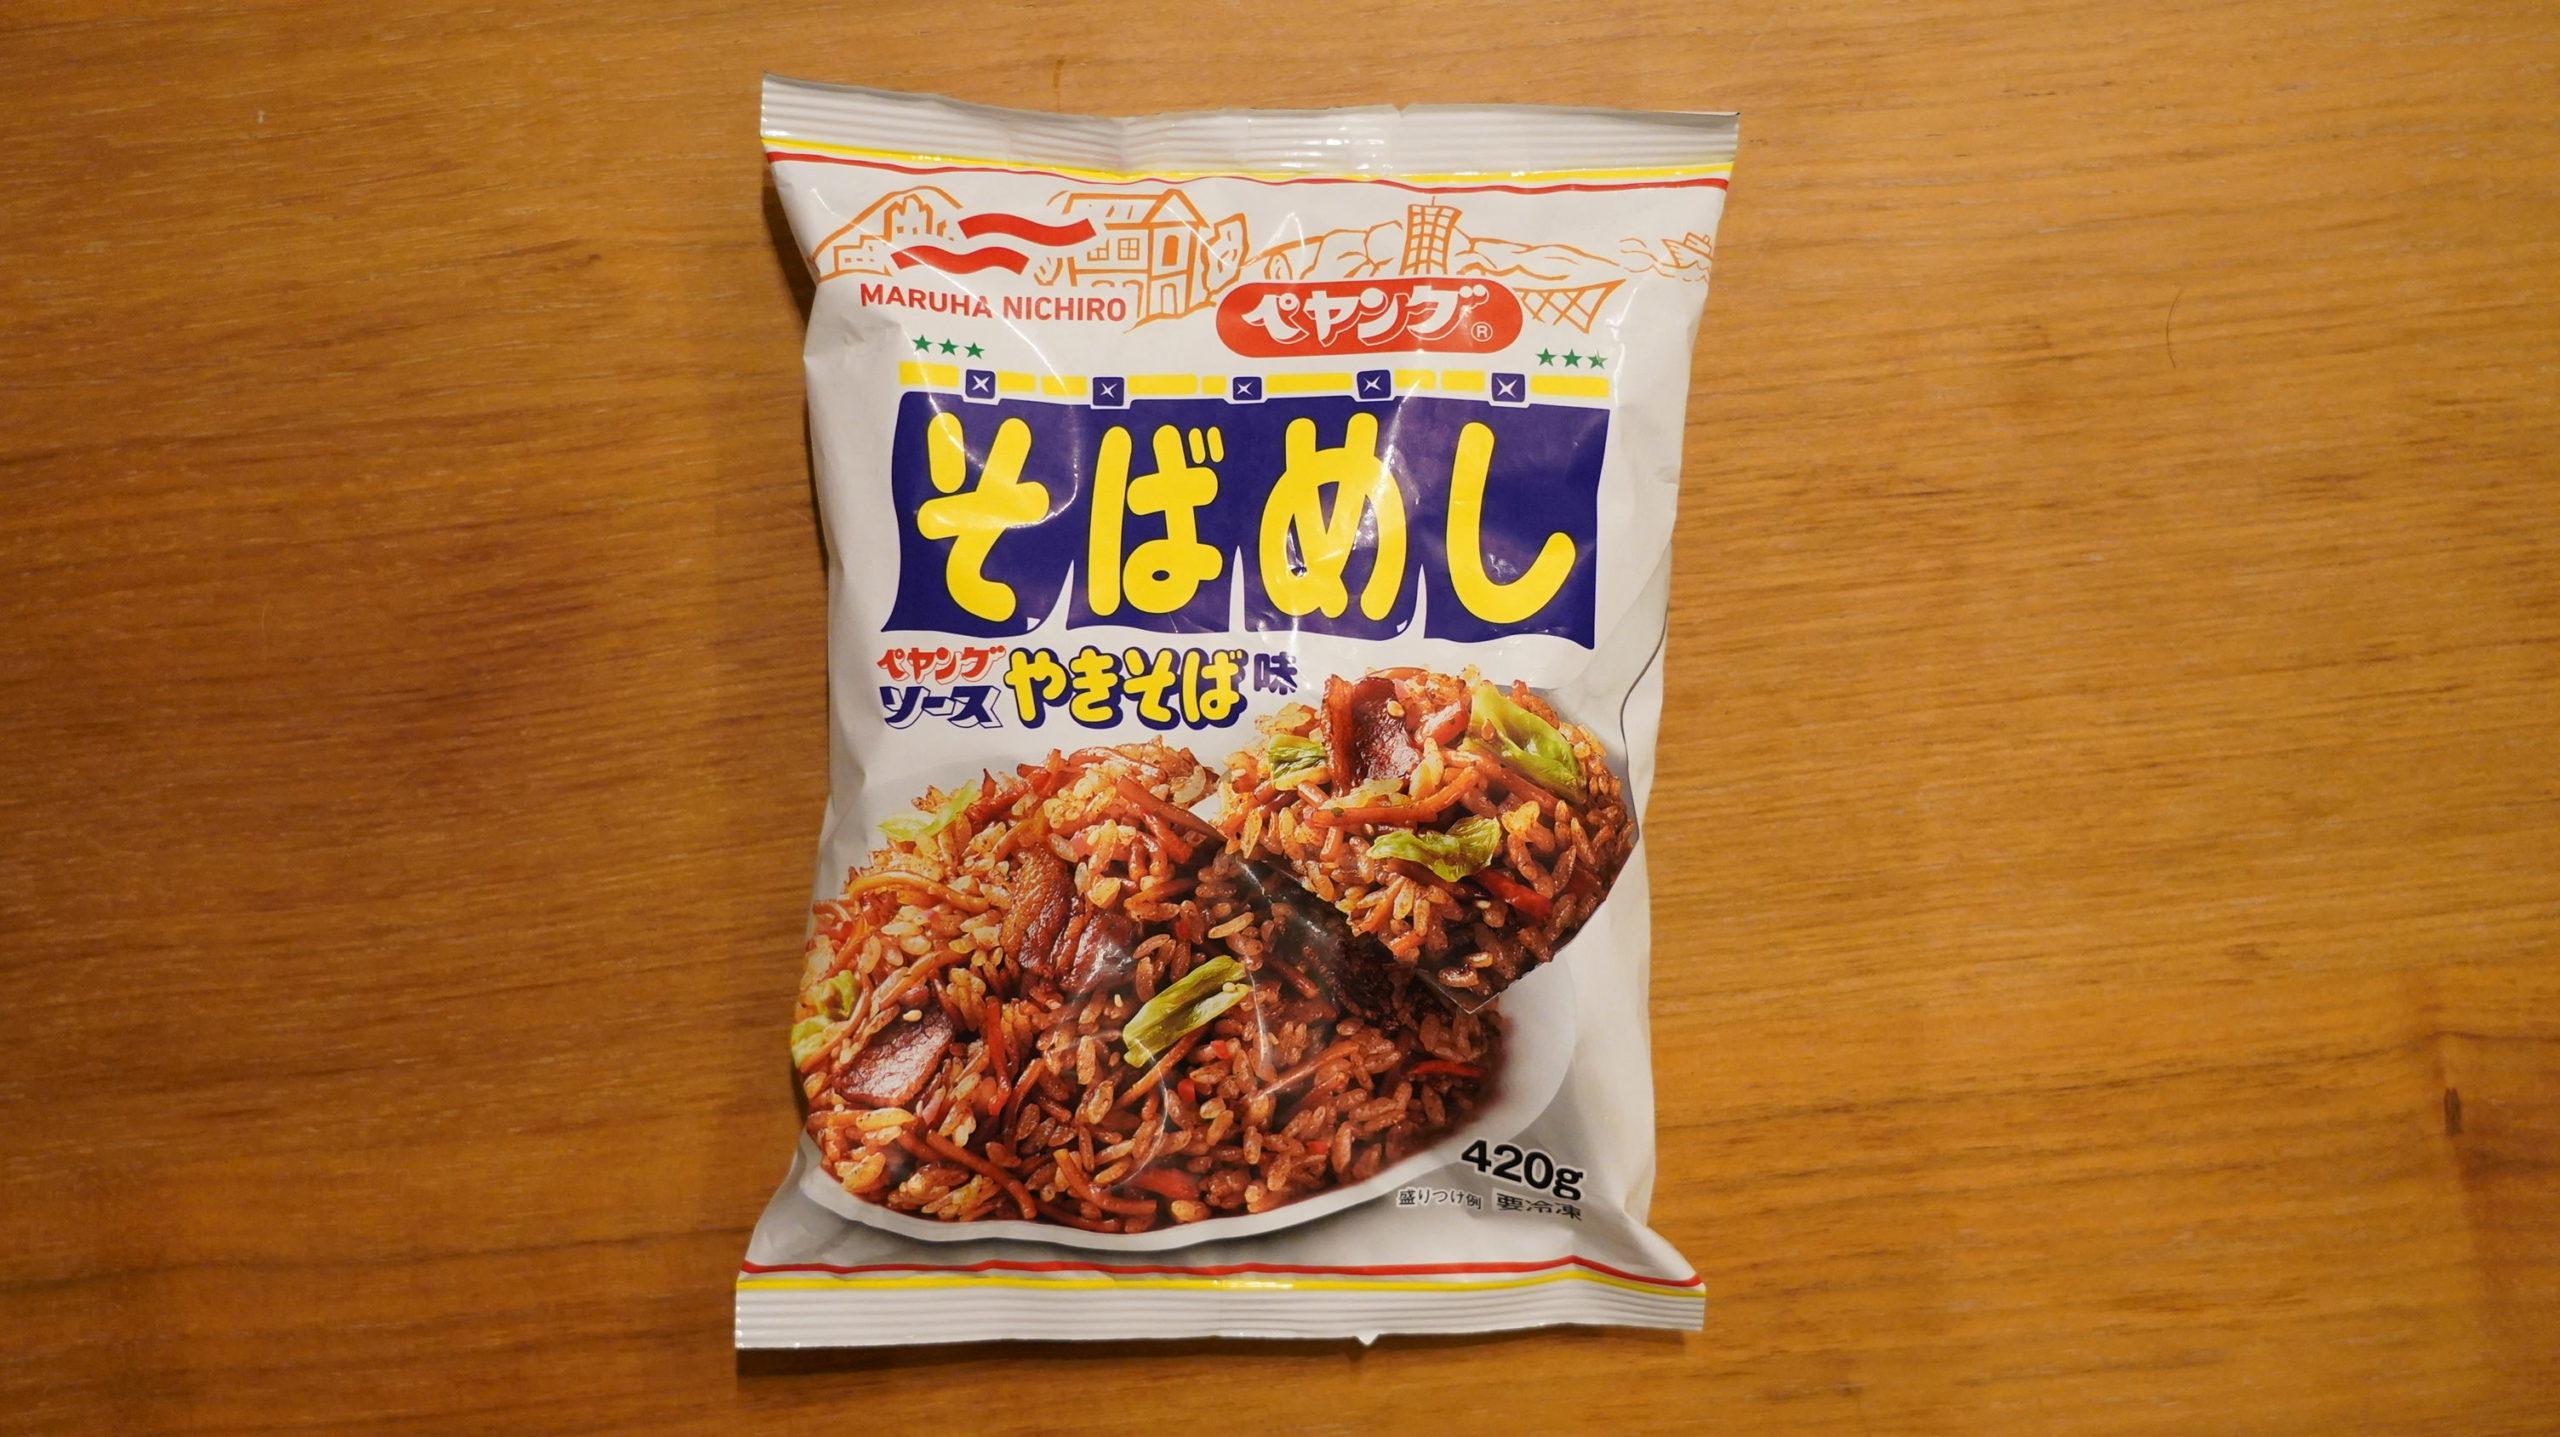 ペヤングとマルハニチロのコラボ「そばめし」冷凍食品のパッケージ写真